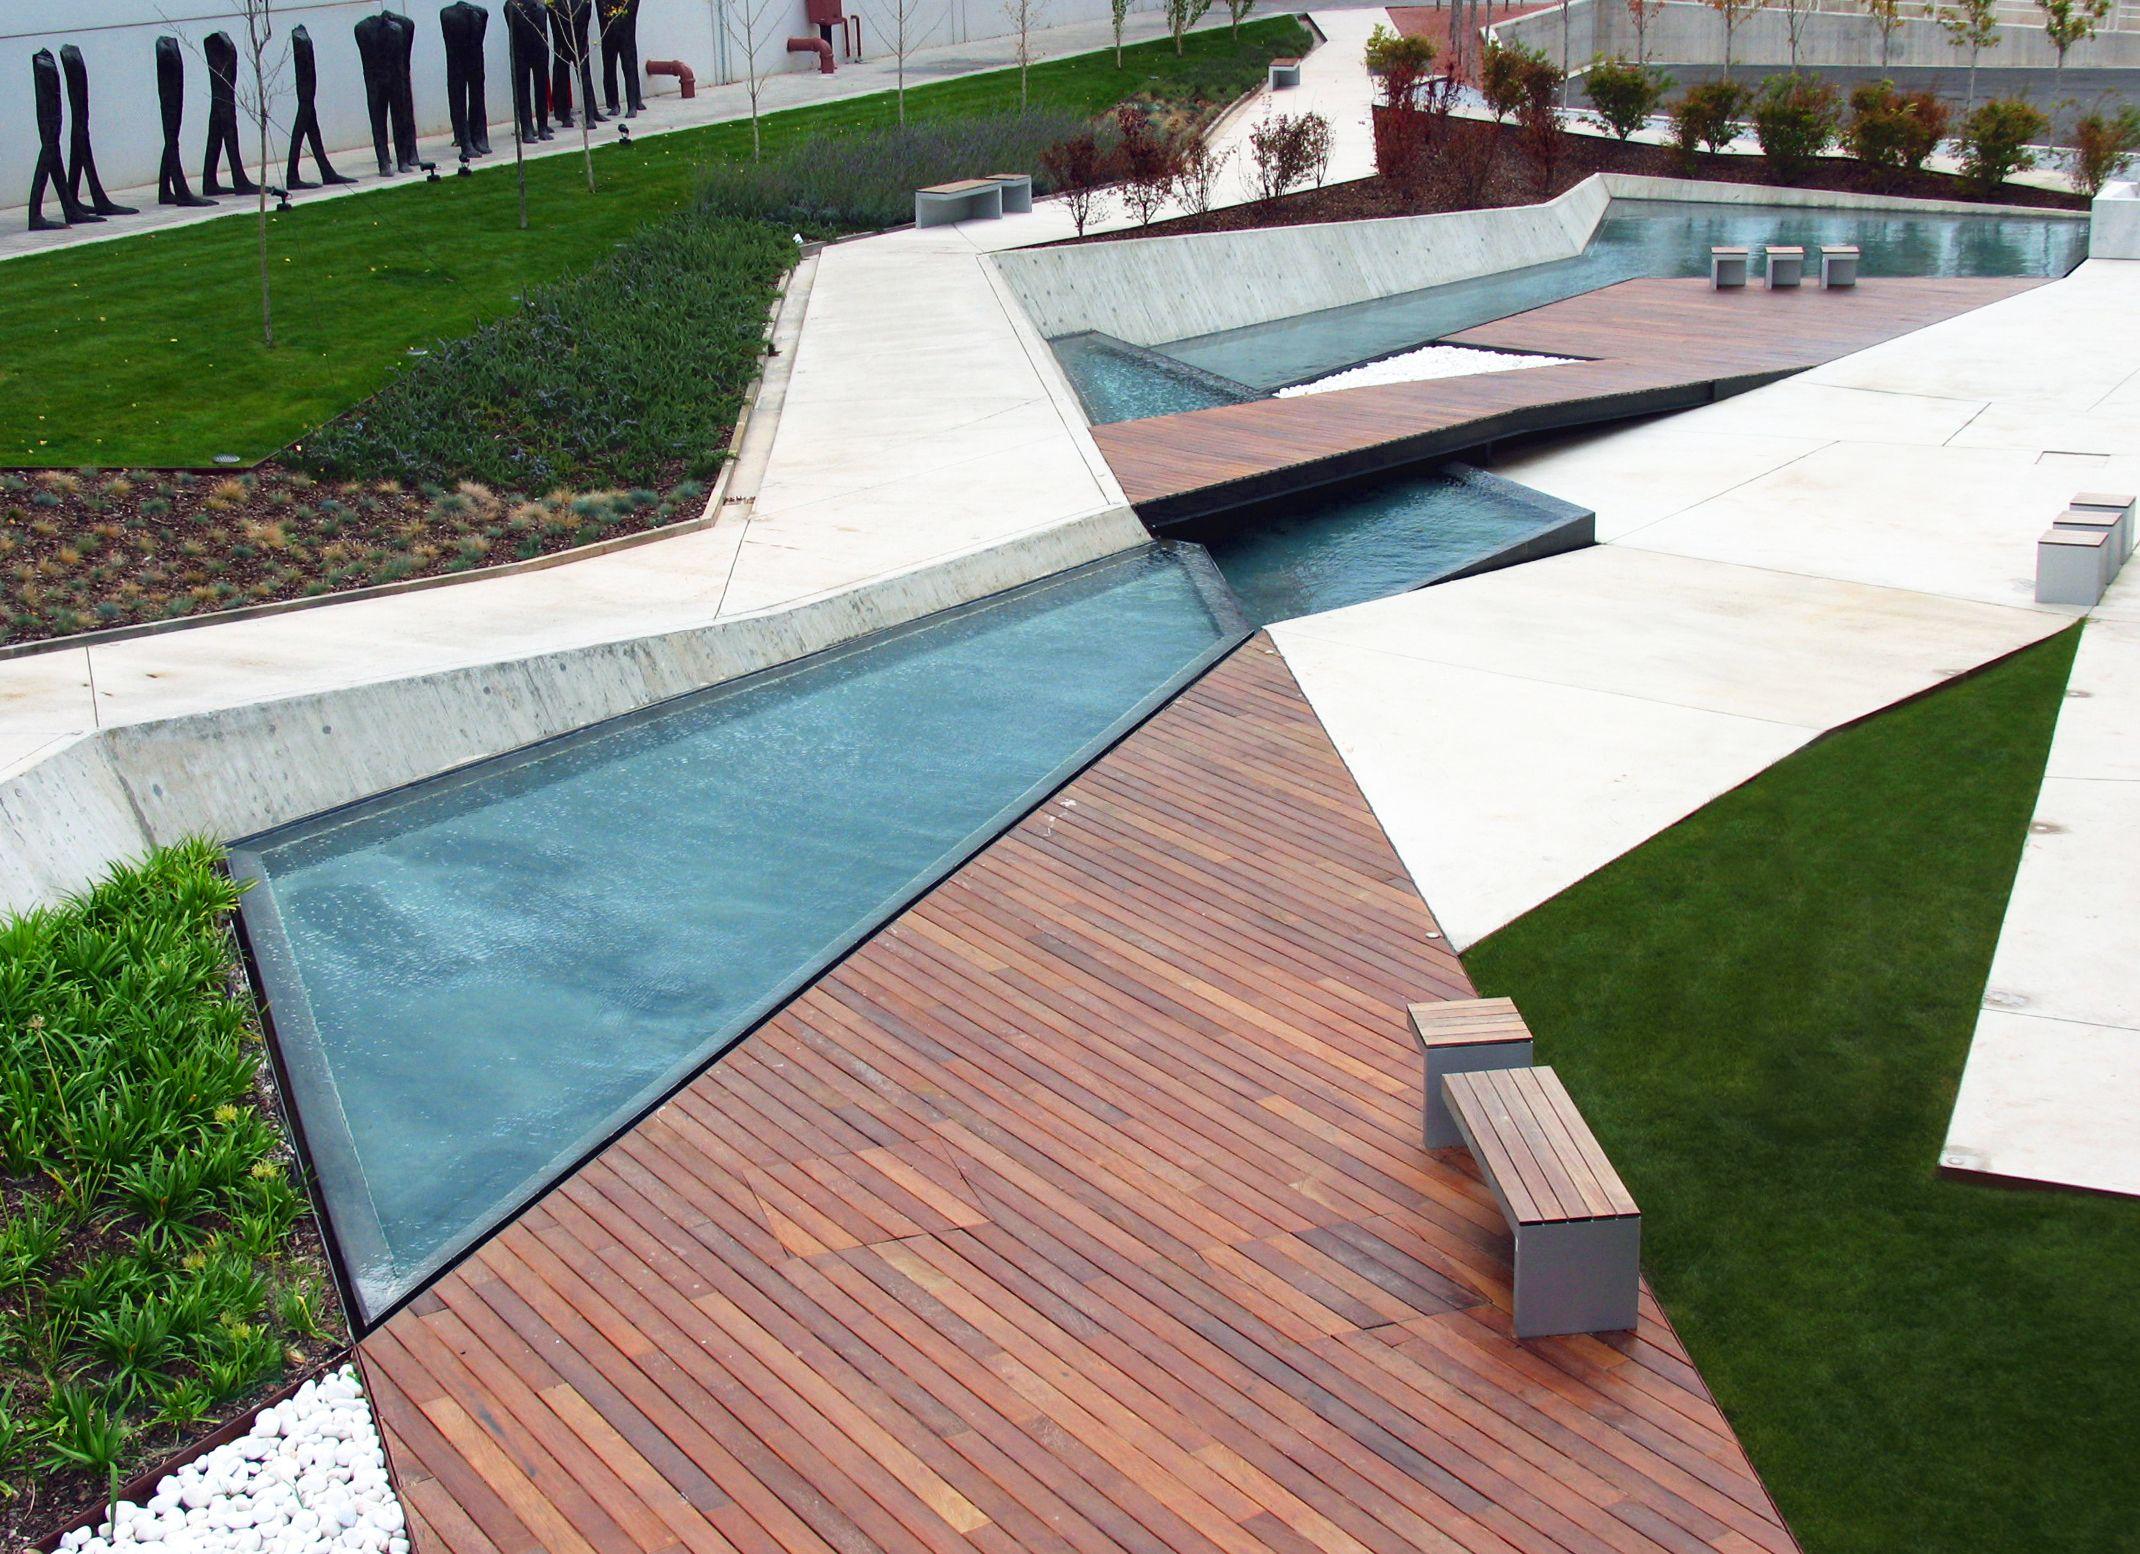 Jardines del museo w rth la rioja dom arquitectura jardines arquitectura arquitectura - Jardines de azahar rioja ...